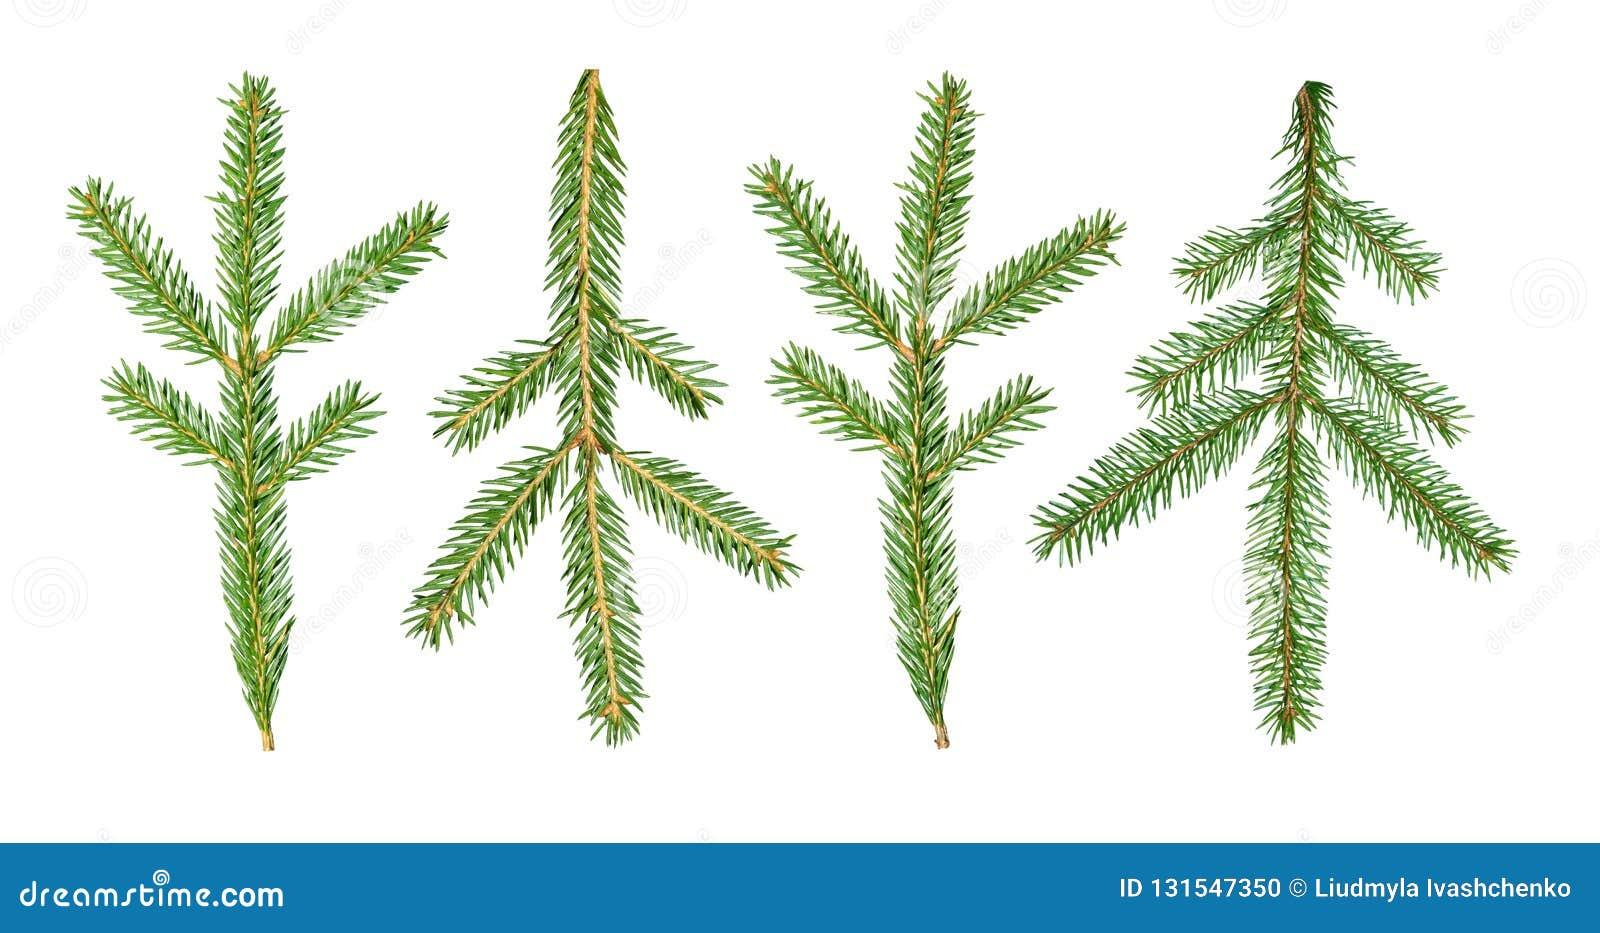 Uma árvore de abeto Abies o ramo do sibirica é isolada em um fundo branco